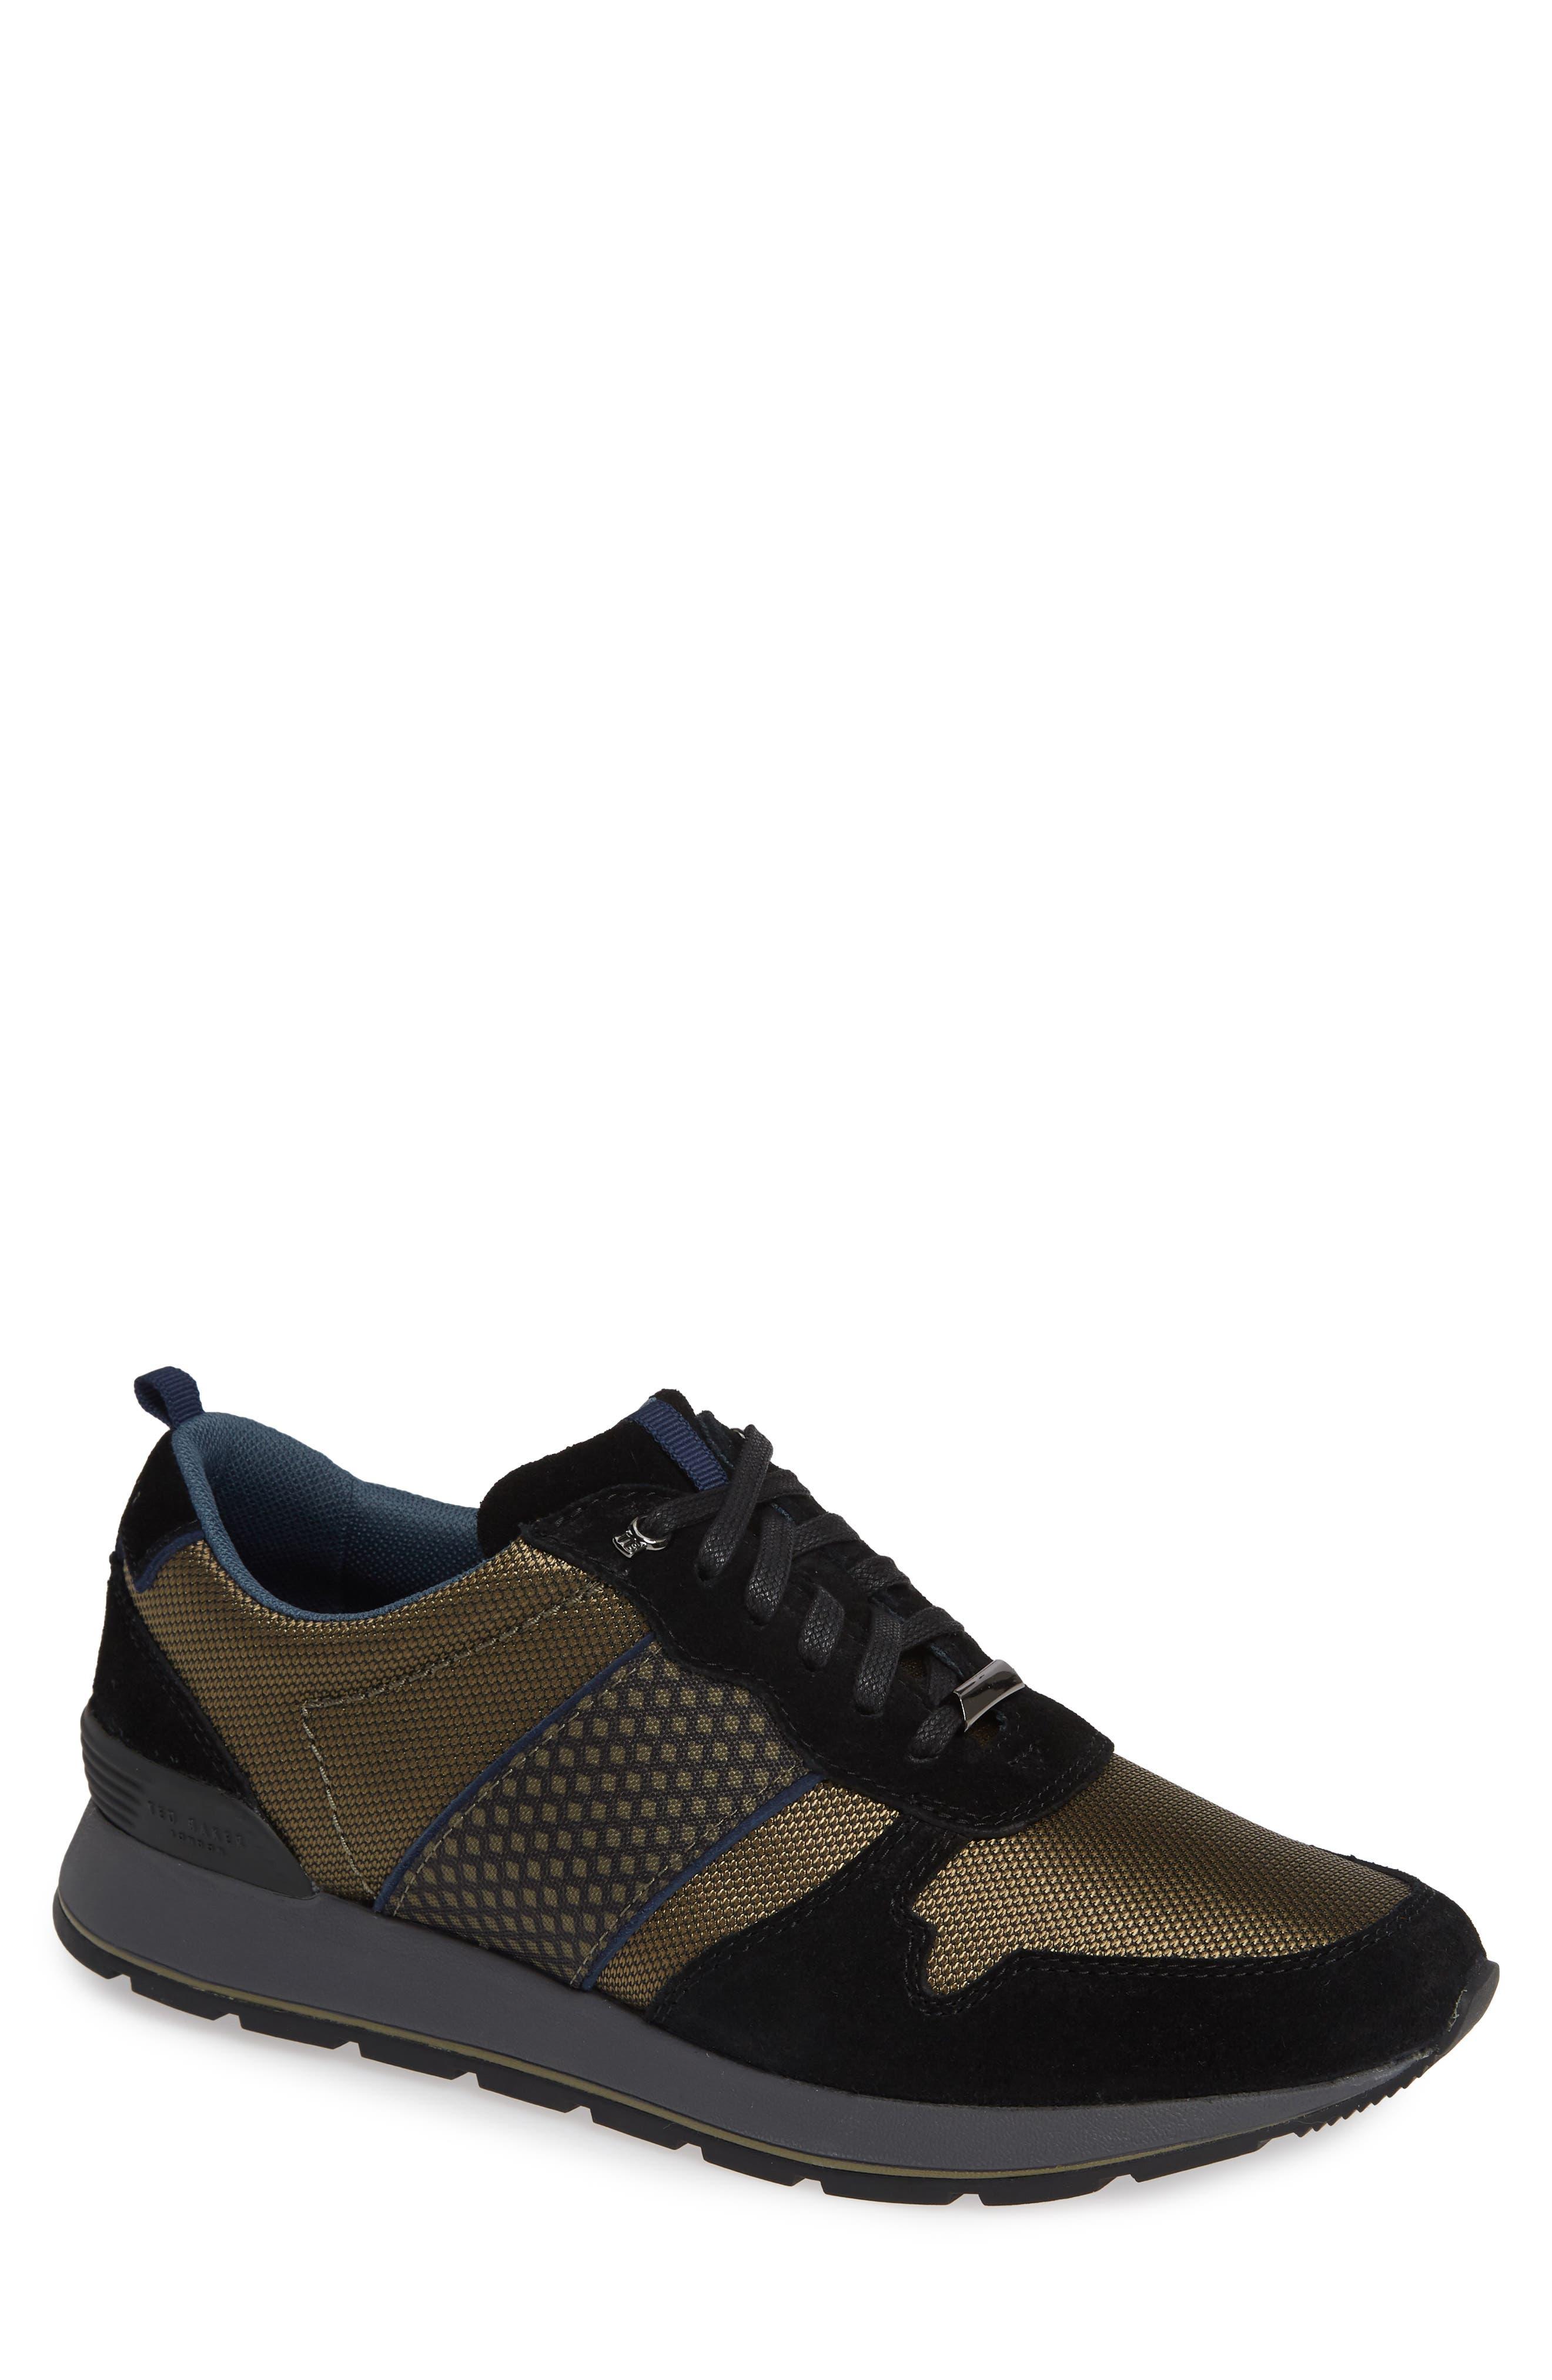 Ted Baker London Jaymz Sneaker, Black